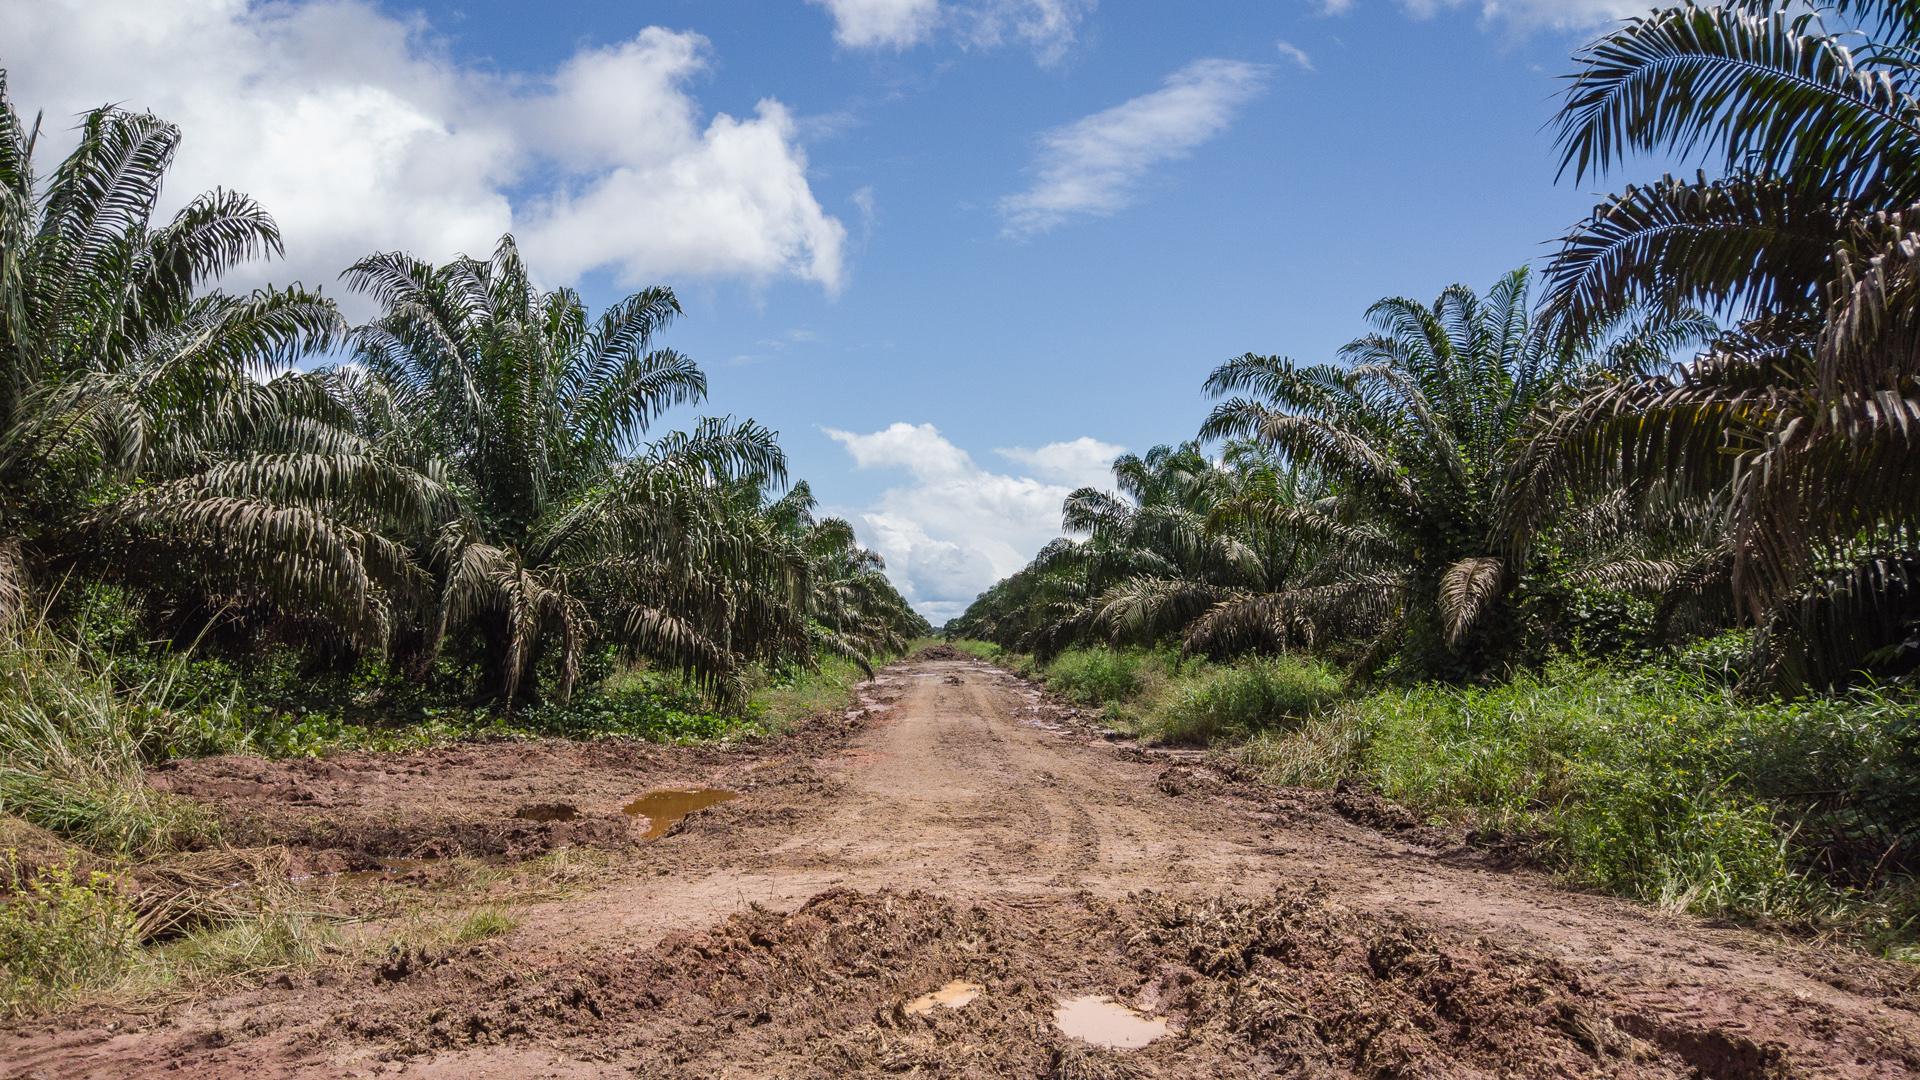 Os planos de biocombustíveis do Brasil impulsionam o desmatamento